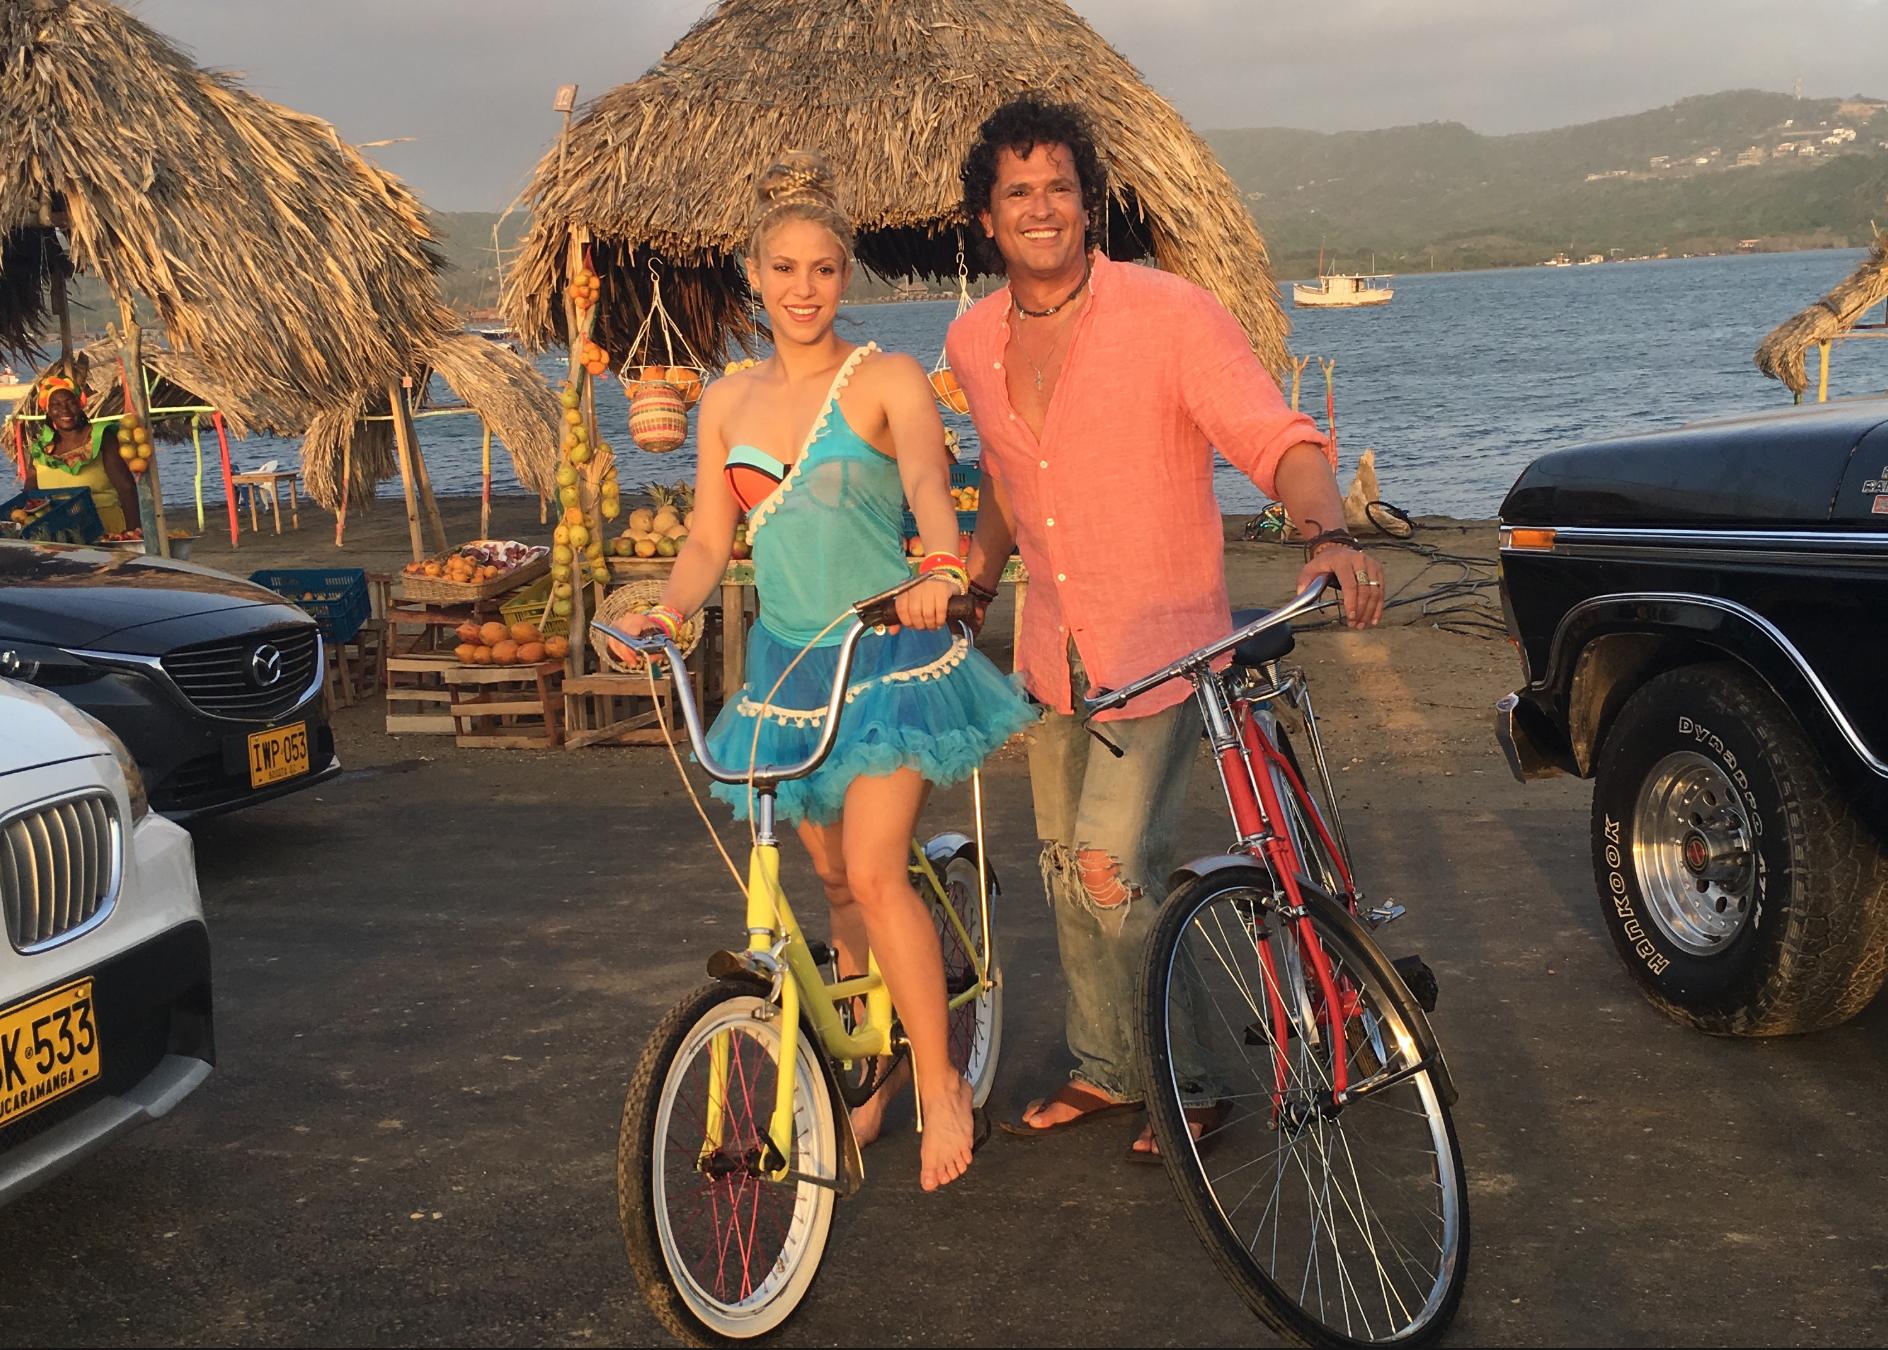 Carlos Vives Y Shakira Lanzan Un Video En Instagram Para Promocionar El Nuevo Videoclip